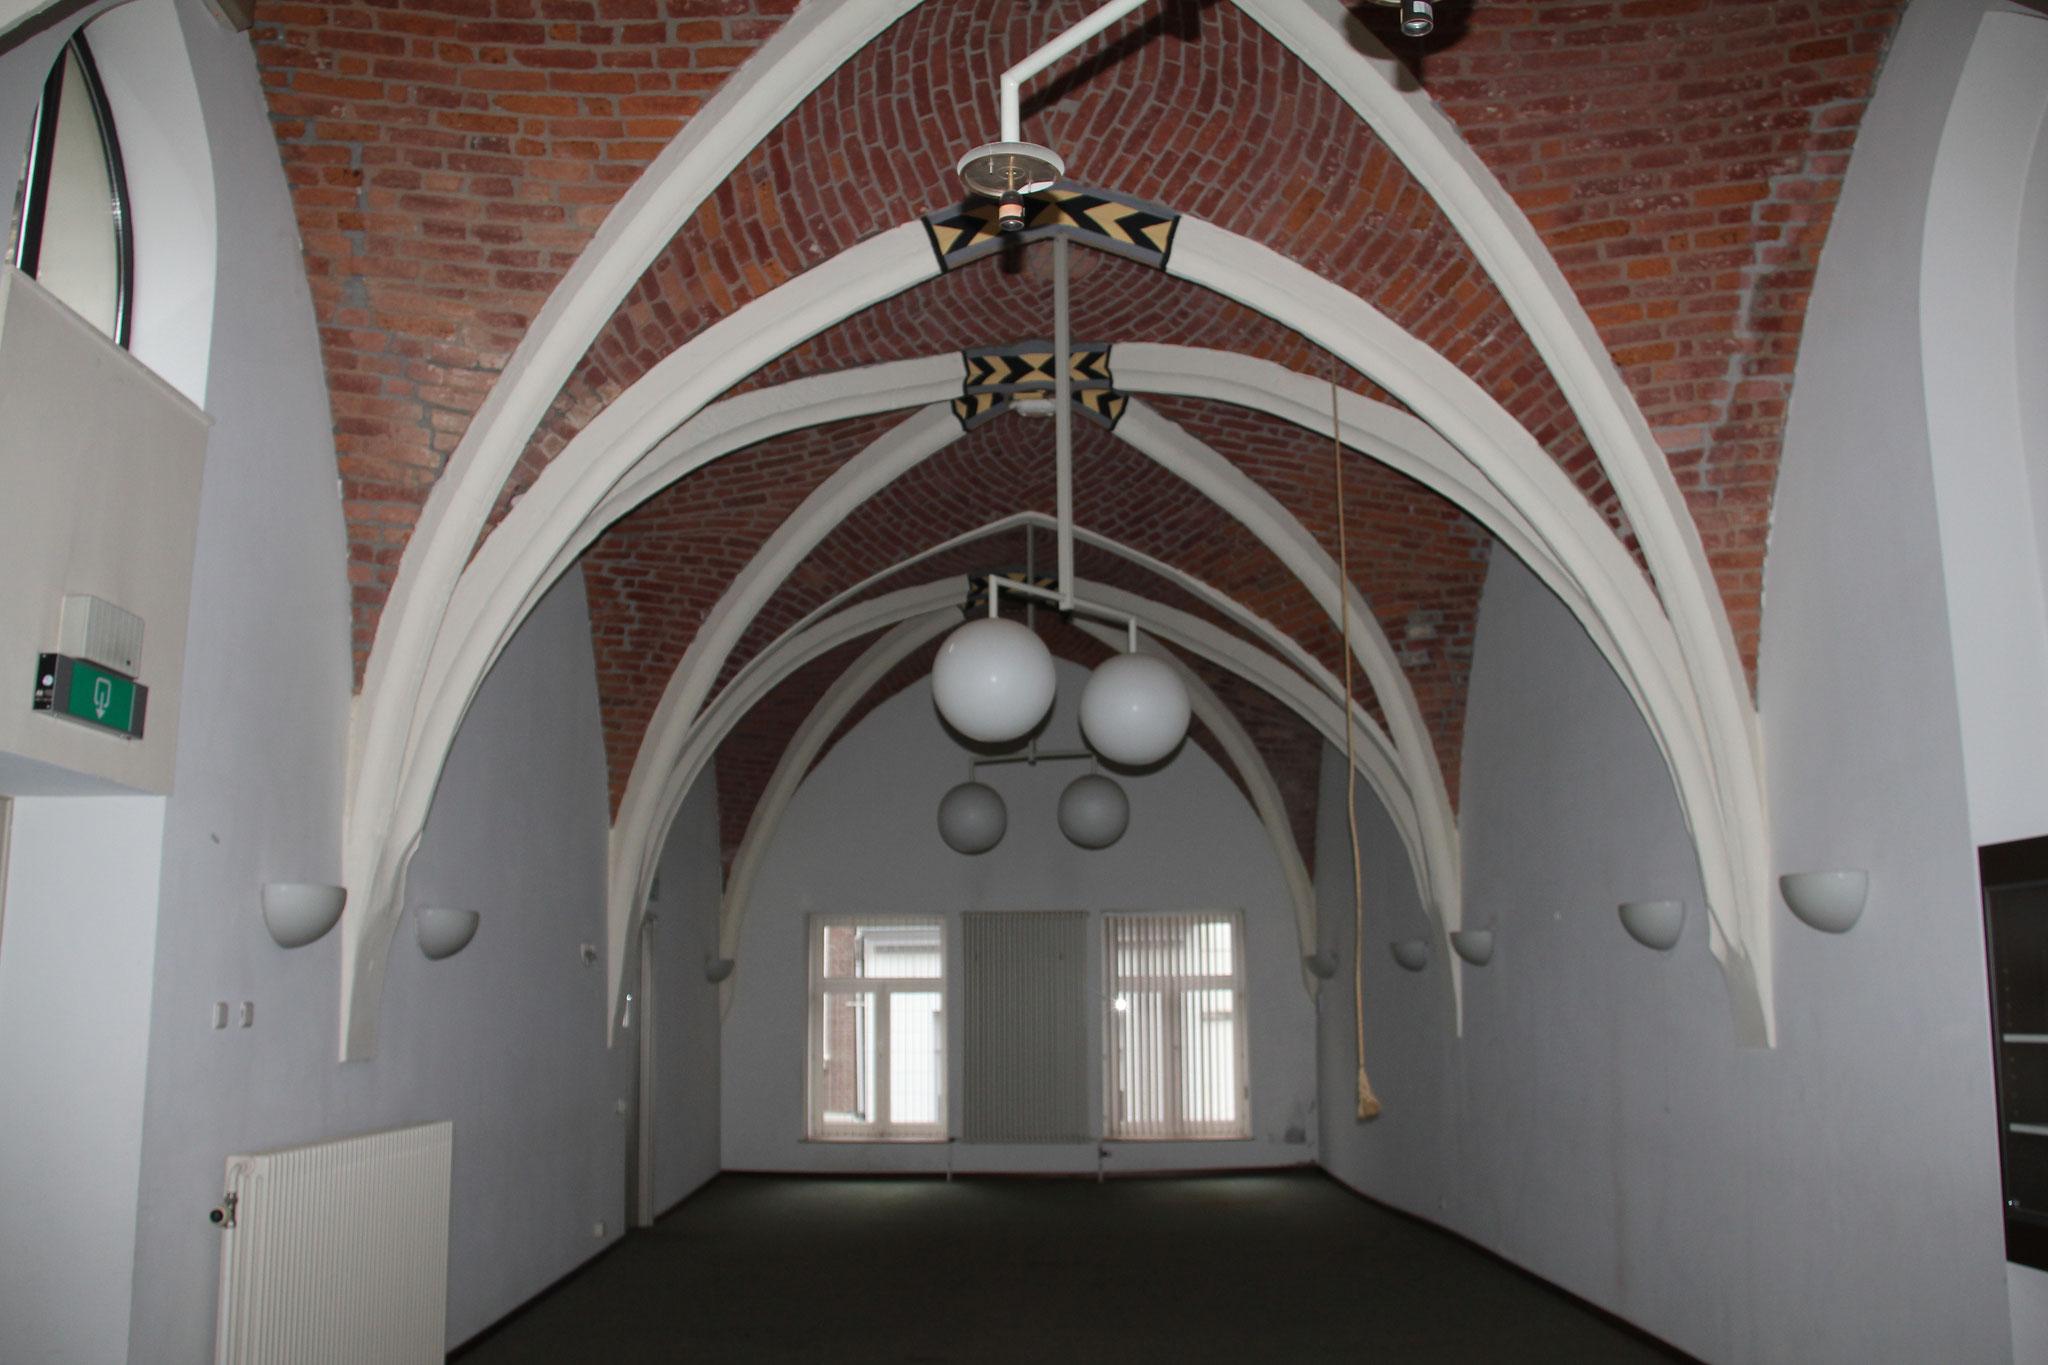 Vijftiende-eeuws kruisribbengewelf van de kapel, met decoratieve sluitstenen.